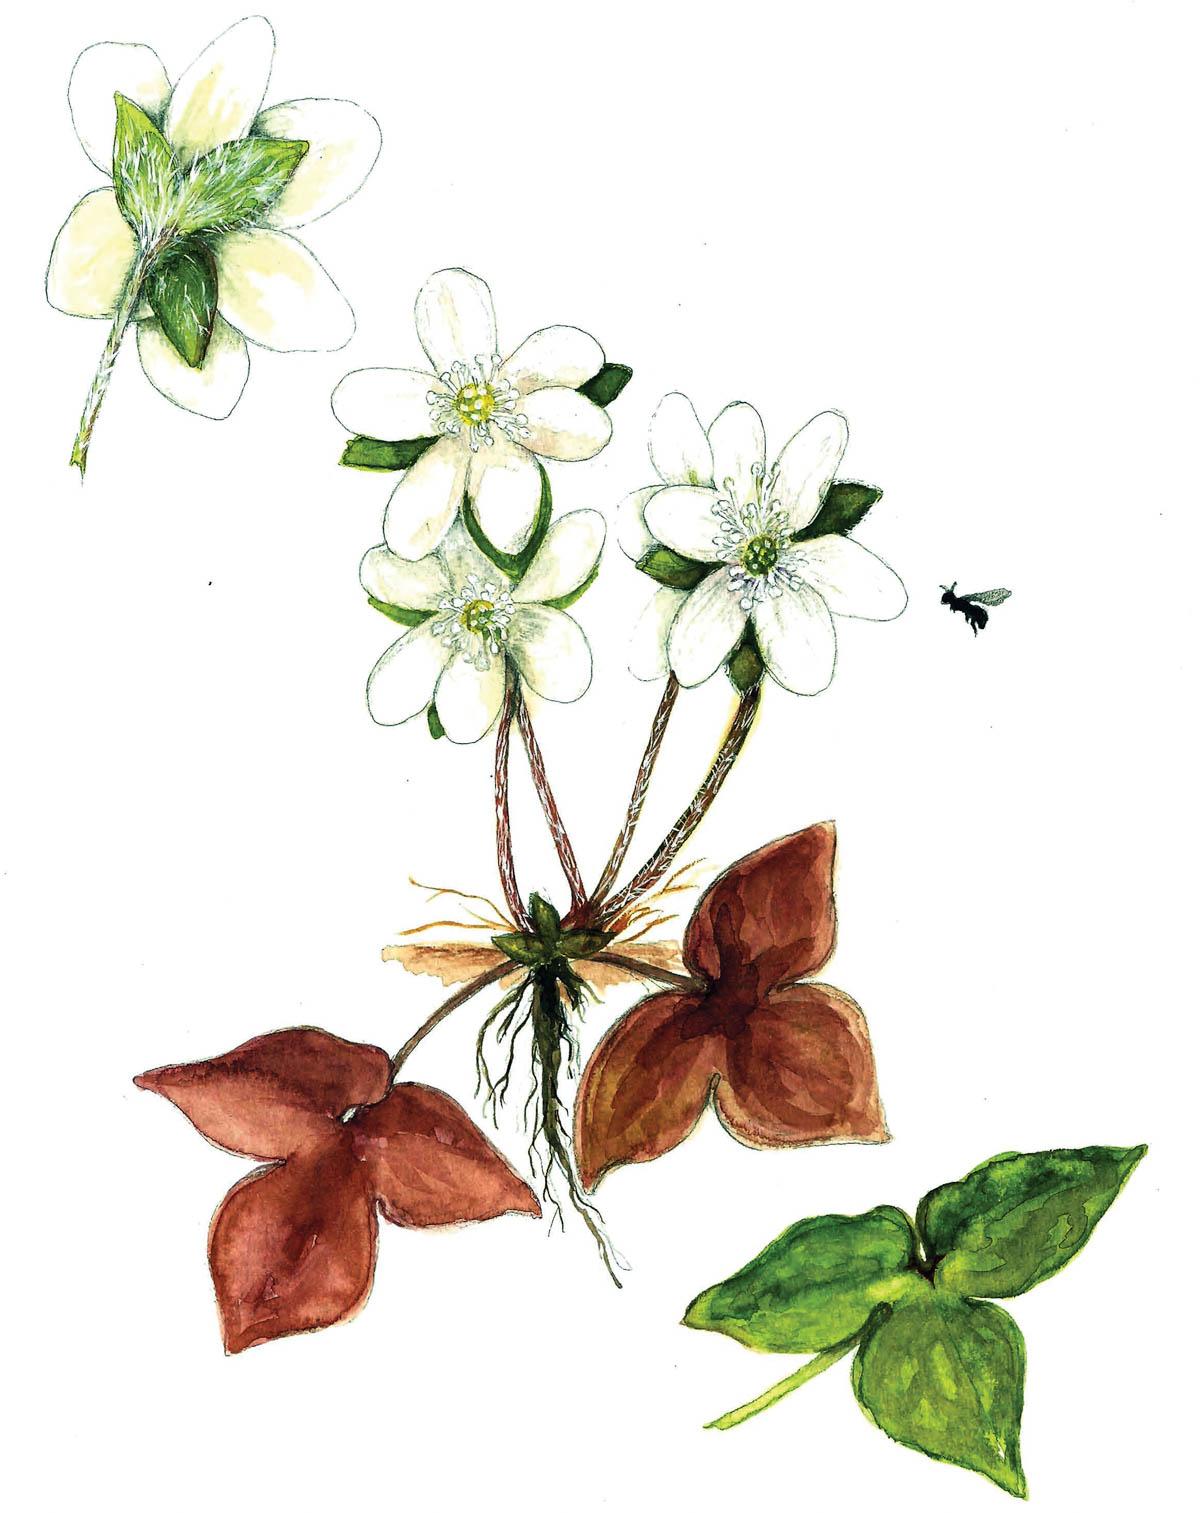 In Bloom: Hepatica